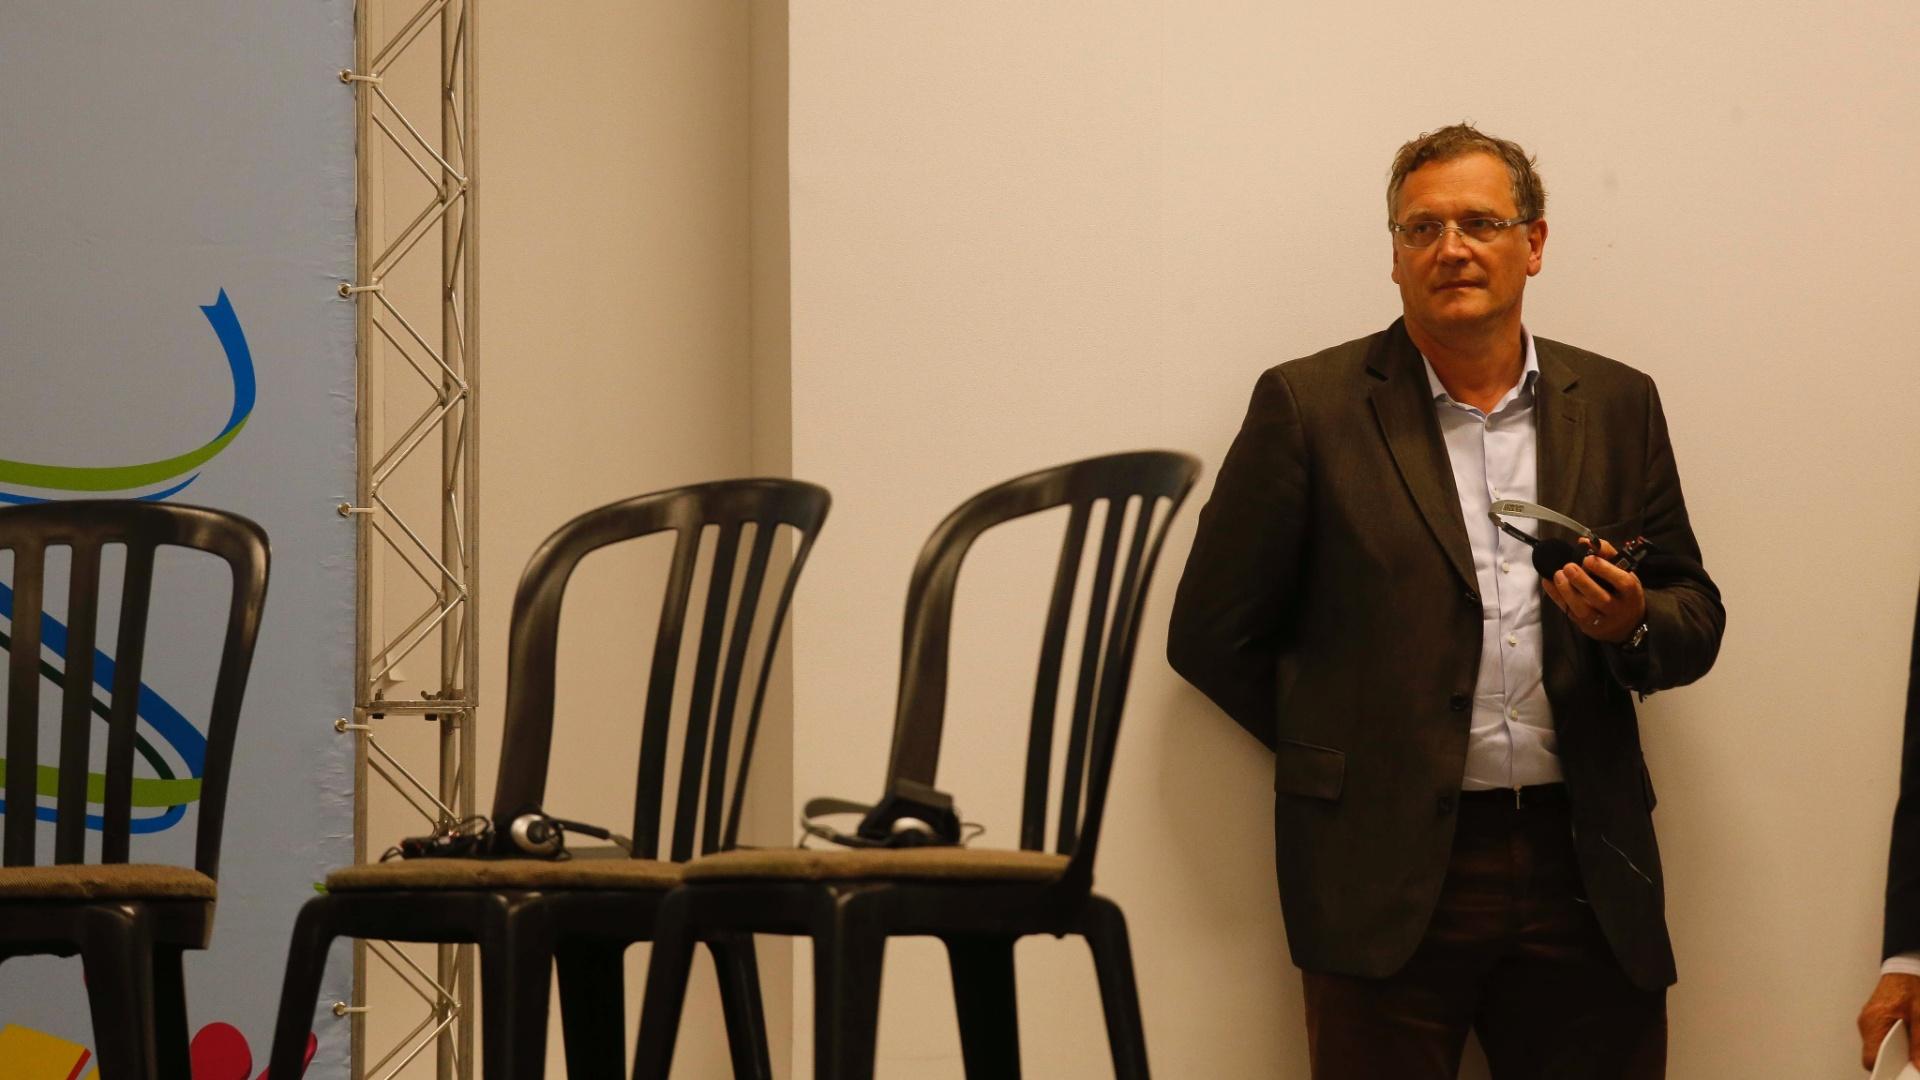 22.04.2014 - Secretário-geral da Fifa, Jerome Valcke, aguarda para participar de coletiva no Itaquerão